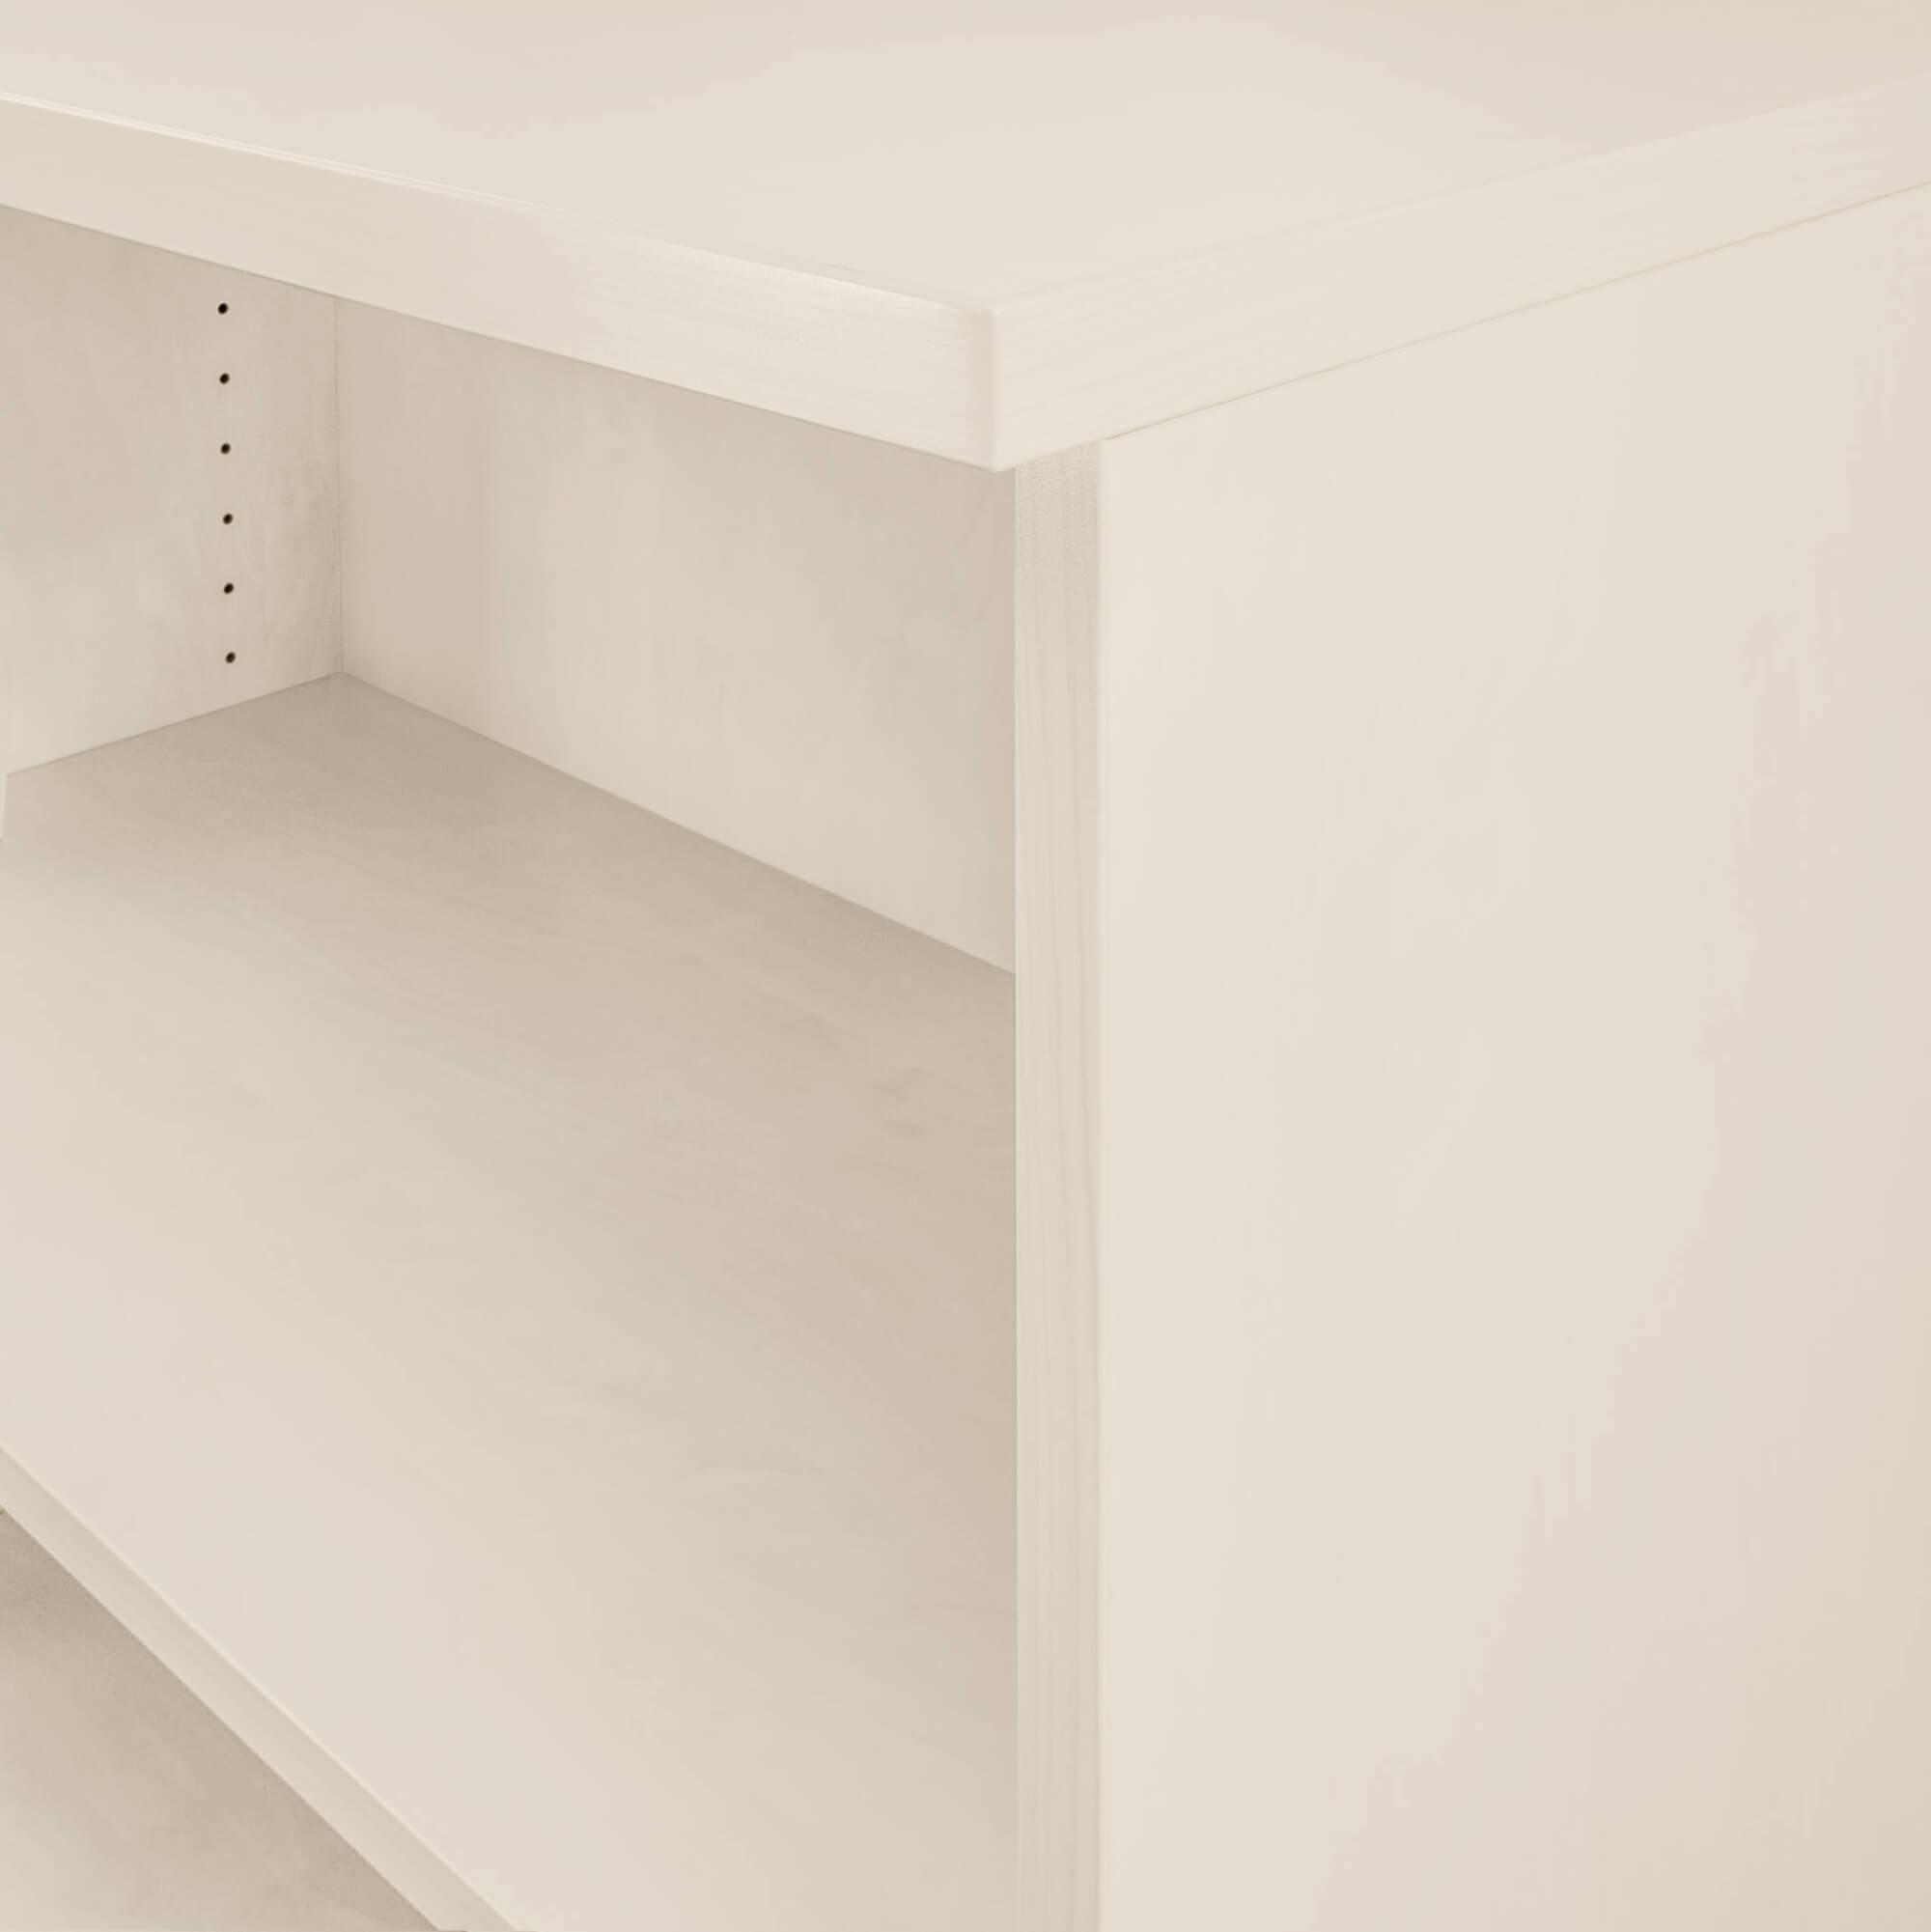 PROFI Schrankwand abschließbar Schrank Büroschrank Flügeltürenschrank Kombischrank 5 OH Ahorn